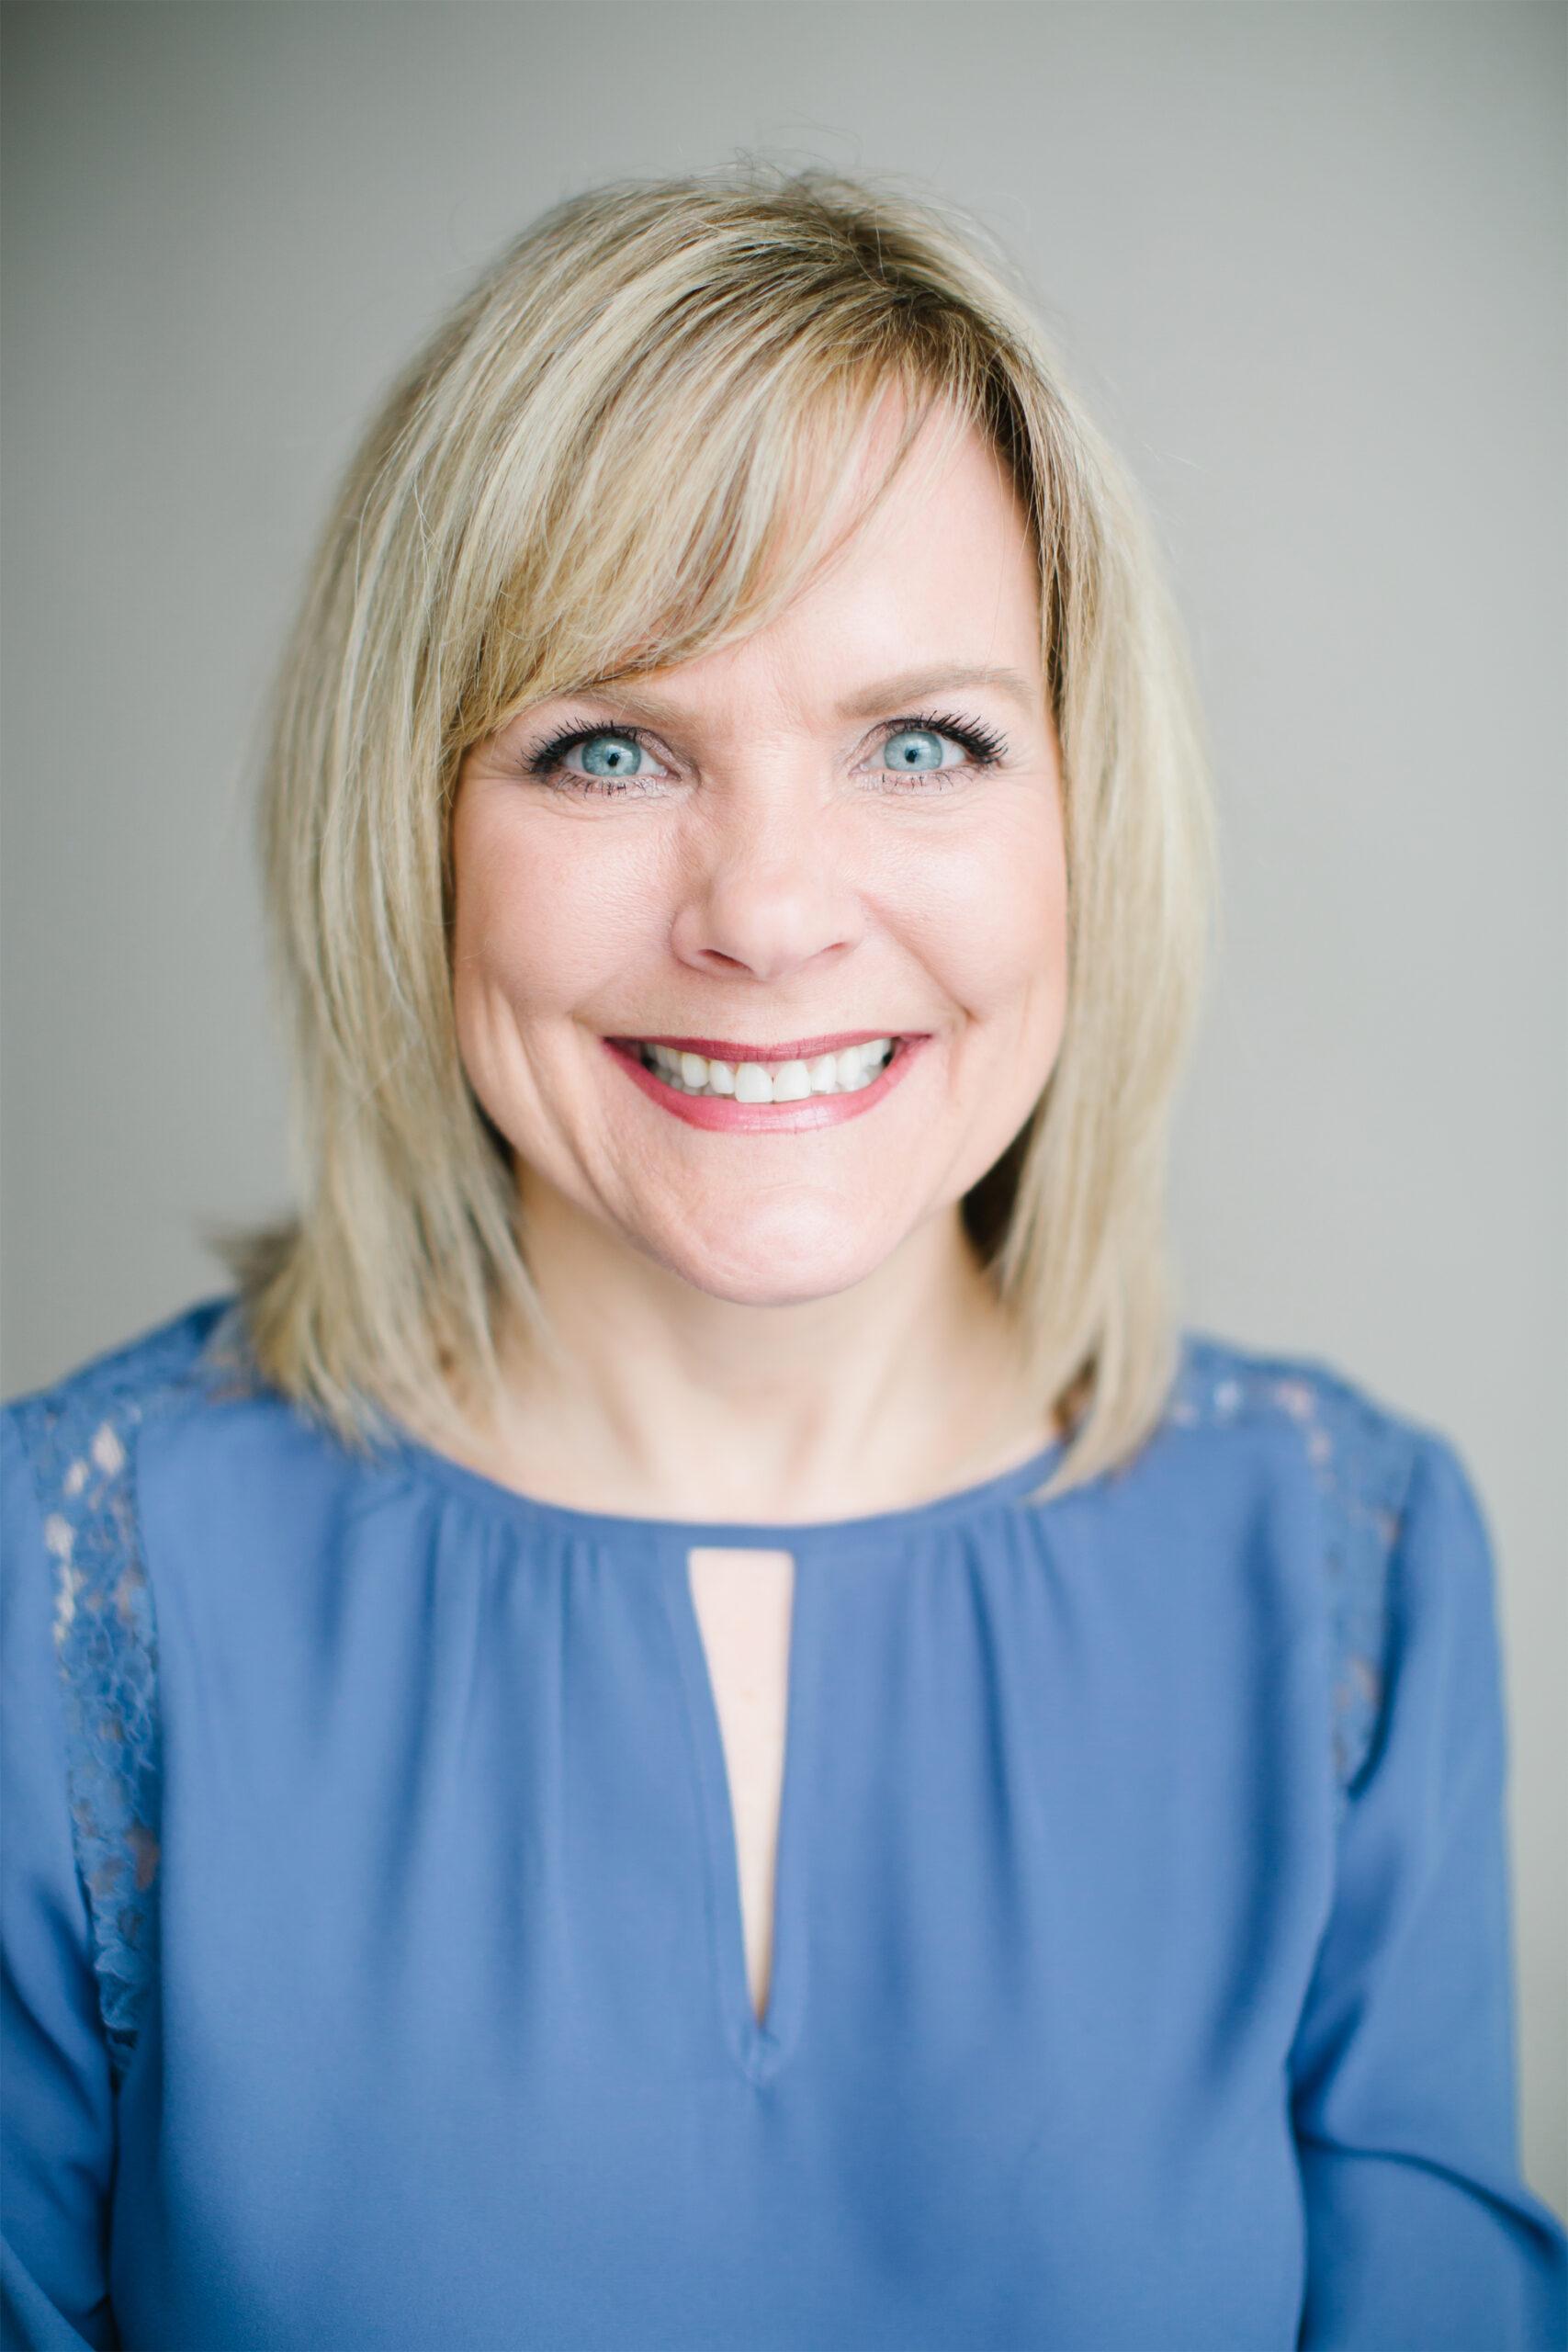 Andrea Childreth